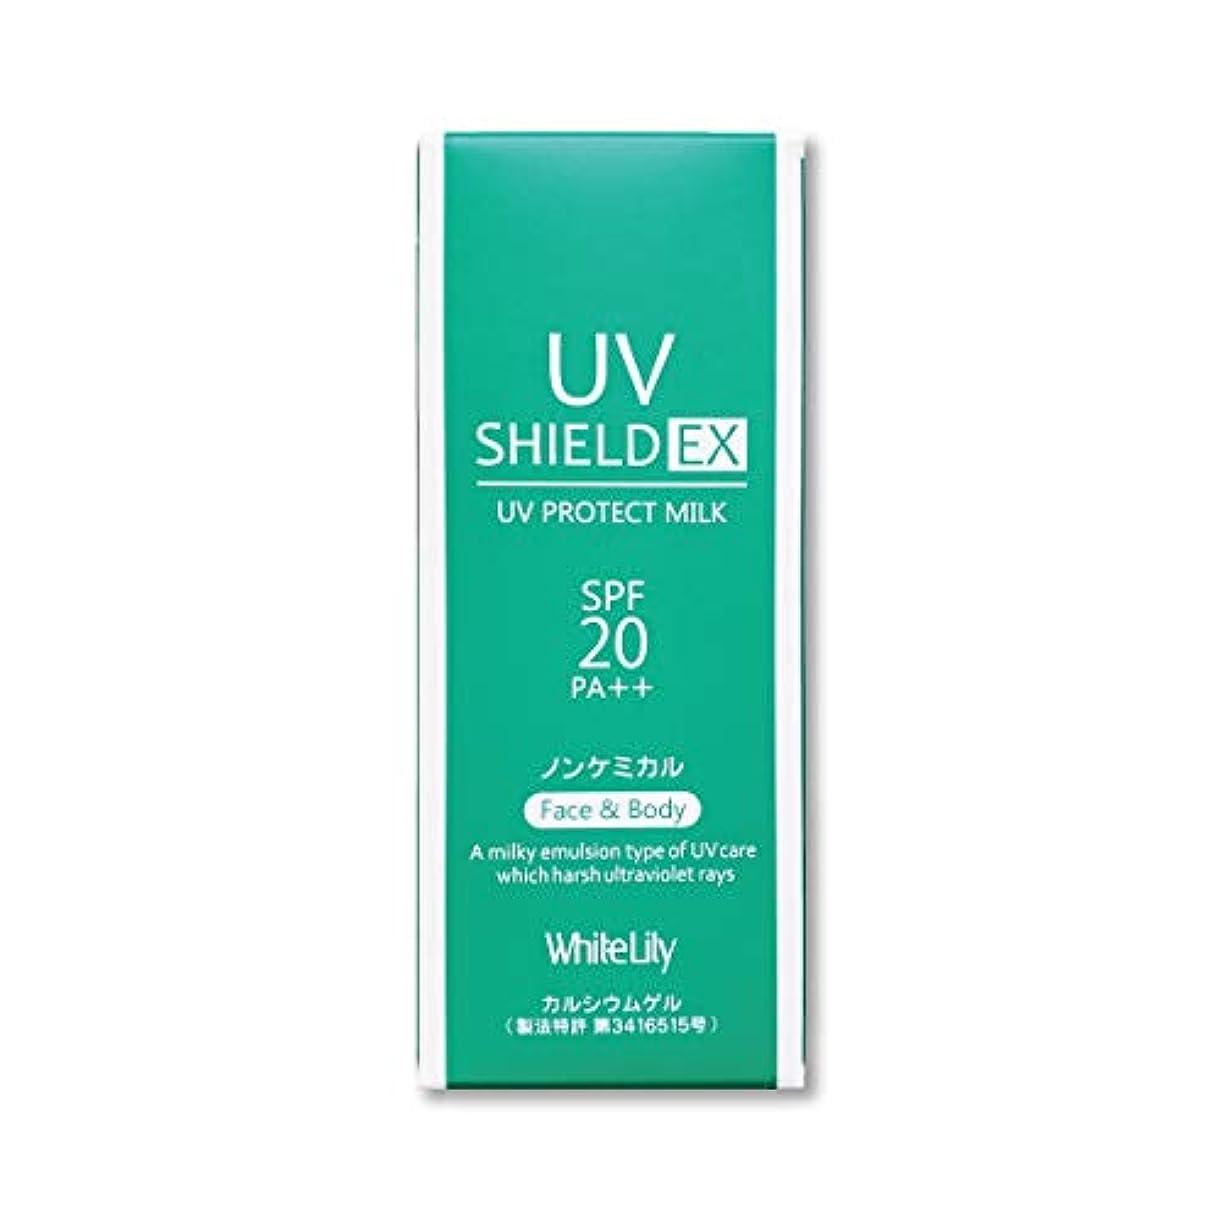 ビザサンドイッチ落胆したホワイトリリー UVシールド EX 敏感肌用日焼け止め乳液 SPF20 PA++ 50mL